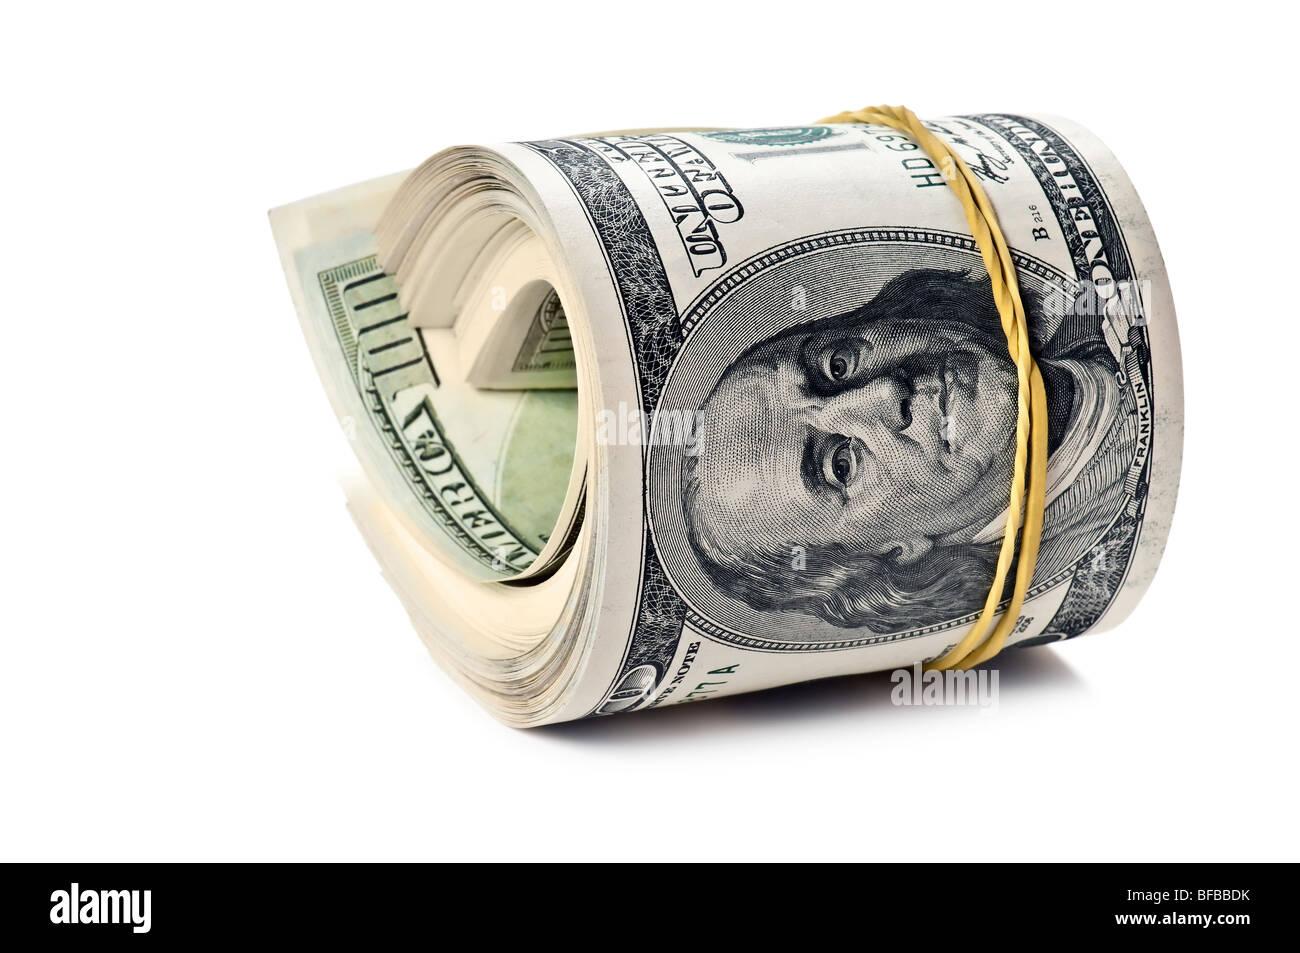 Rotolo di denaro isolato su sfondo bianco Immagini Stock